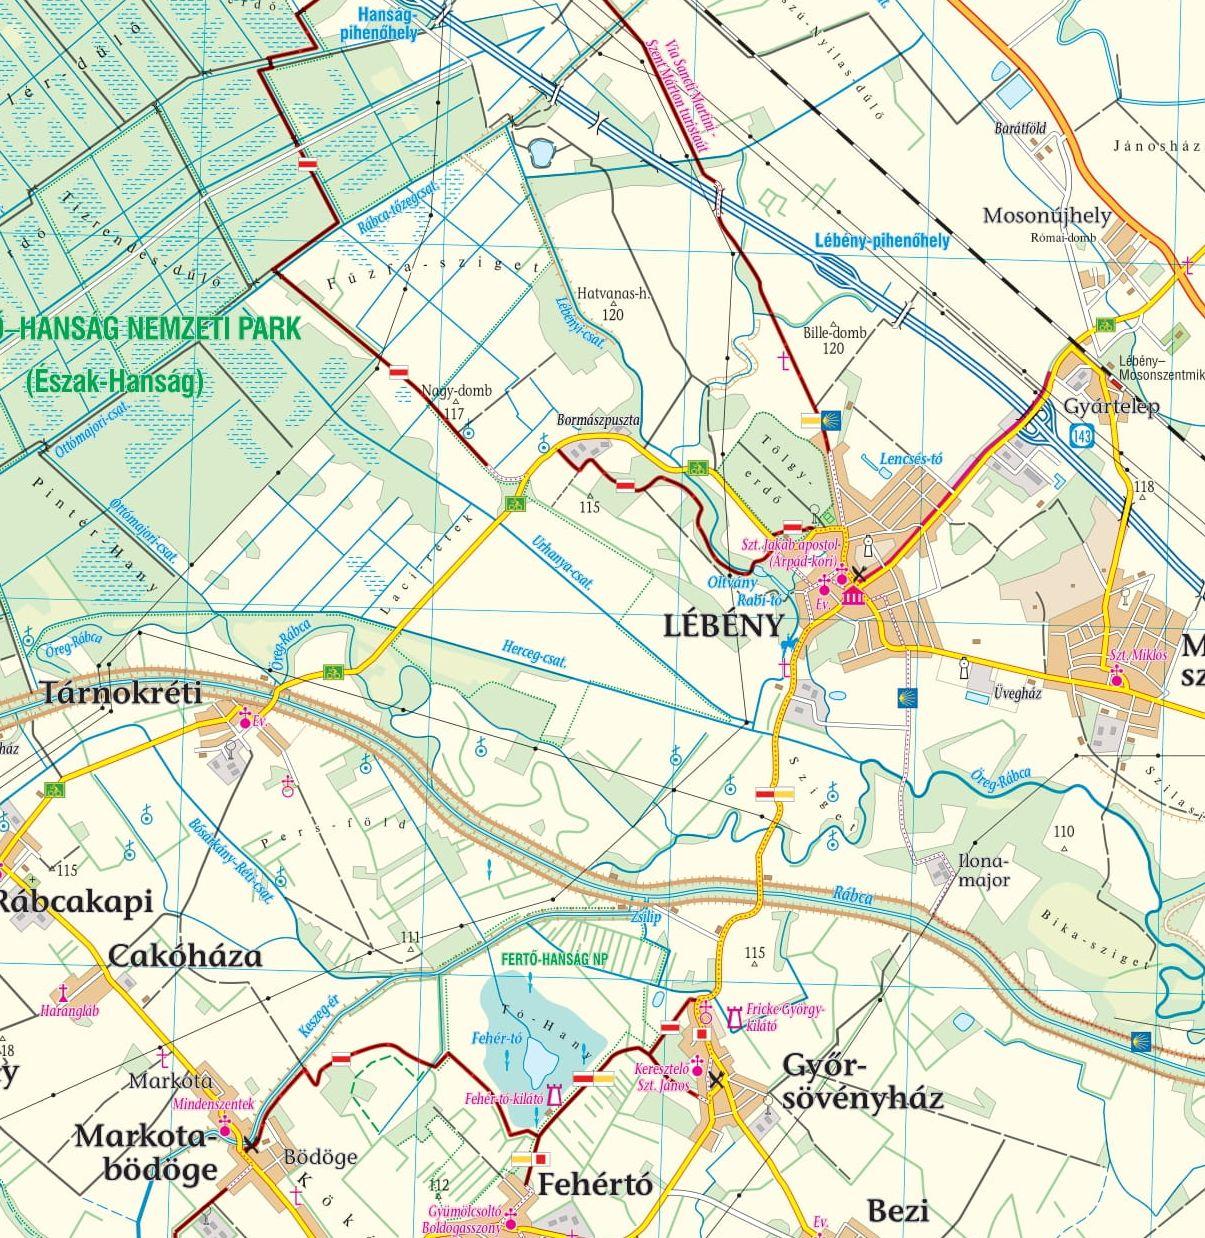 Fertő-Hanság sample map 1:80.000 (Lébény)